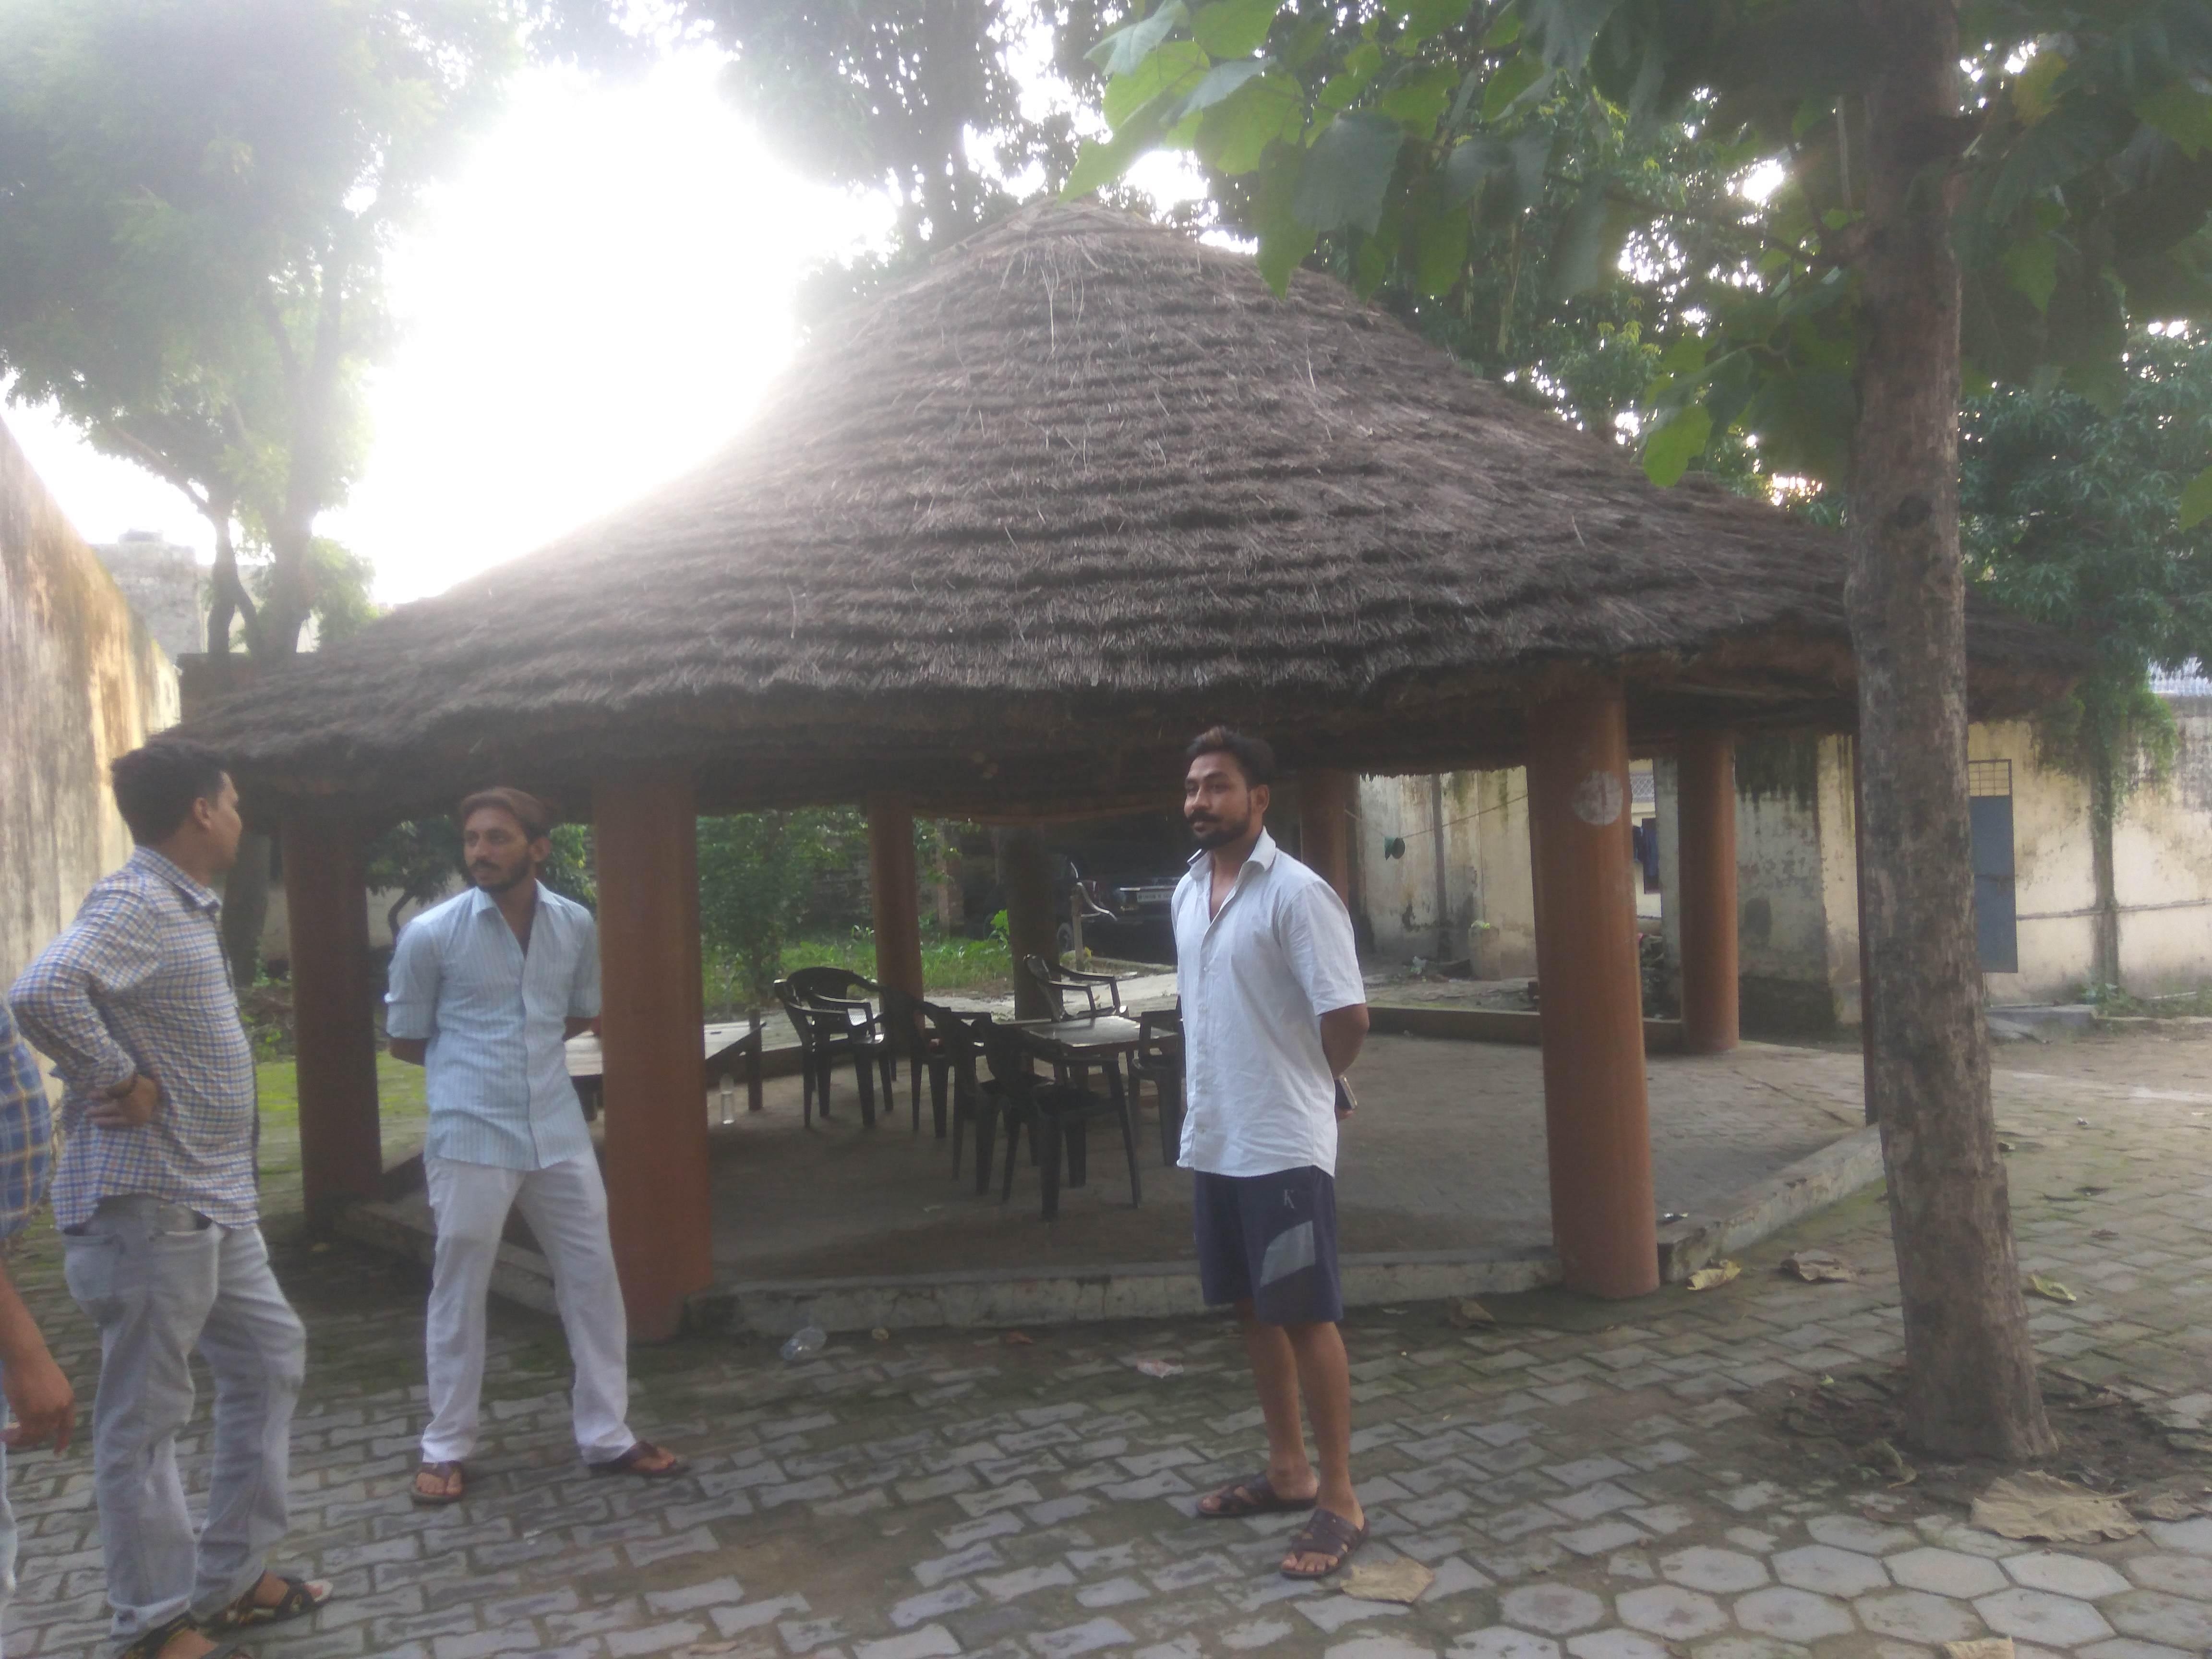 चंद्रशेखर रावण के घर से कुछ दूरी पर ही यह बैठक बनी है जहां संगठन की गतिविधियों पर चर्चा होती है.